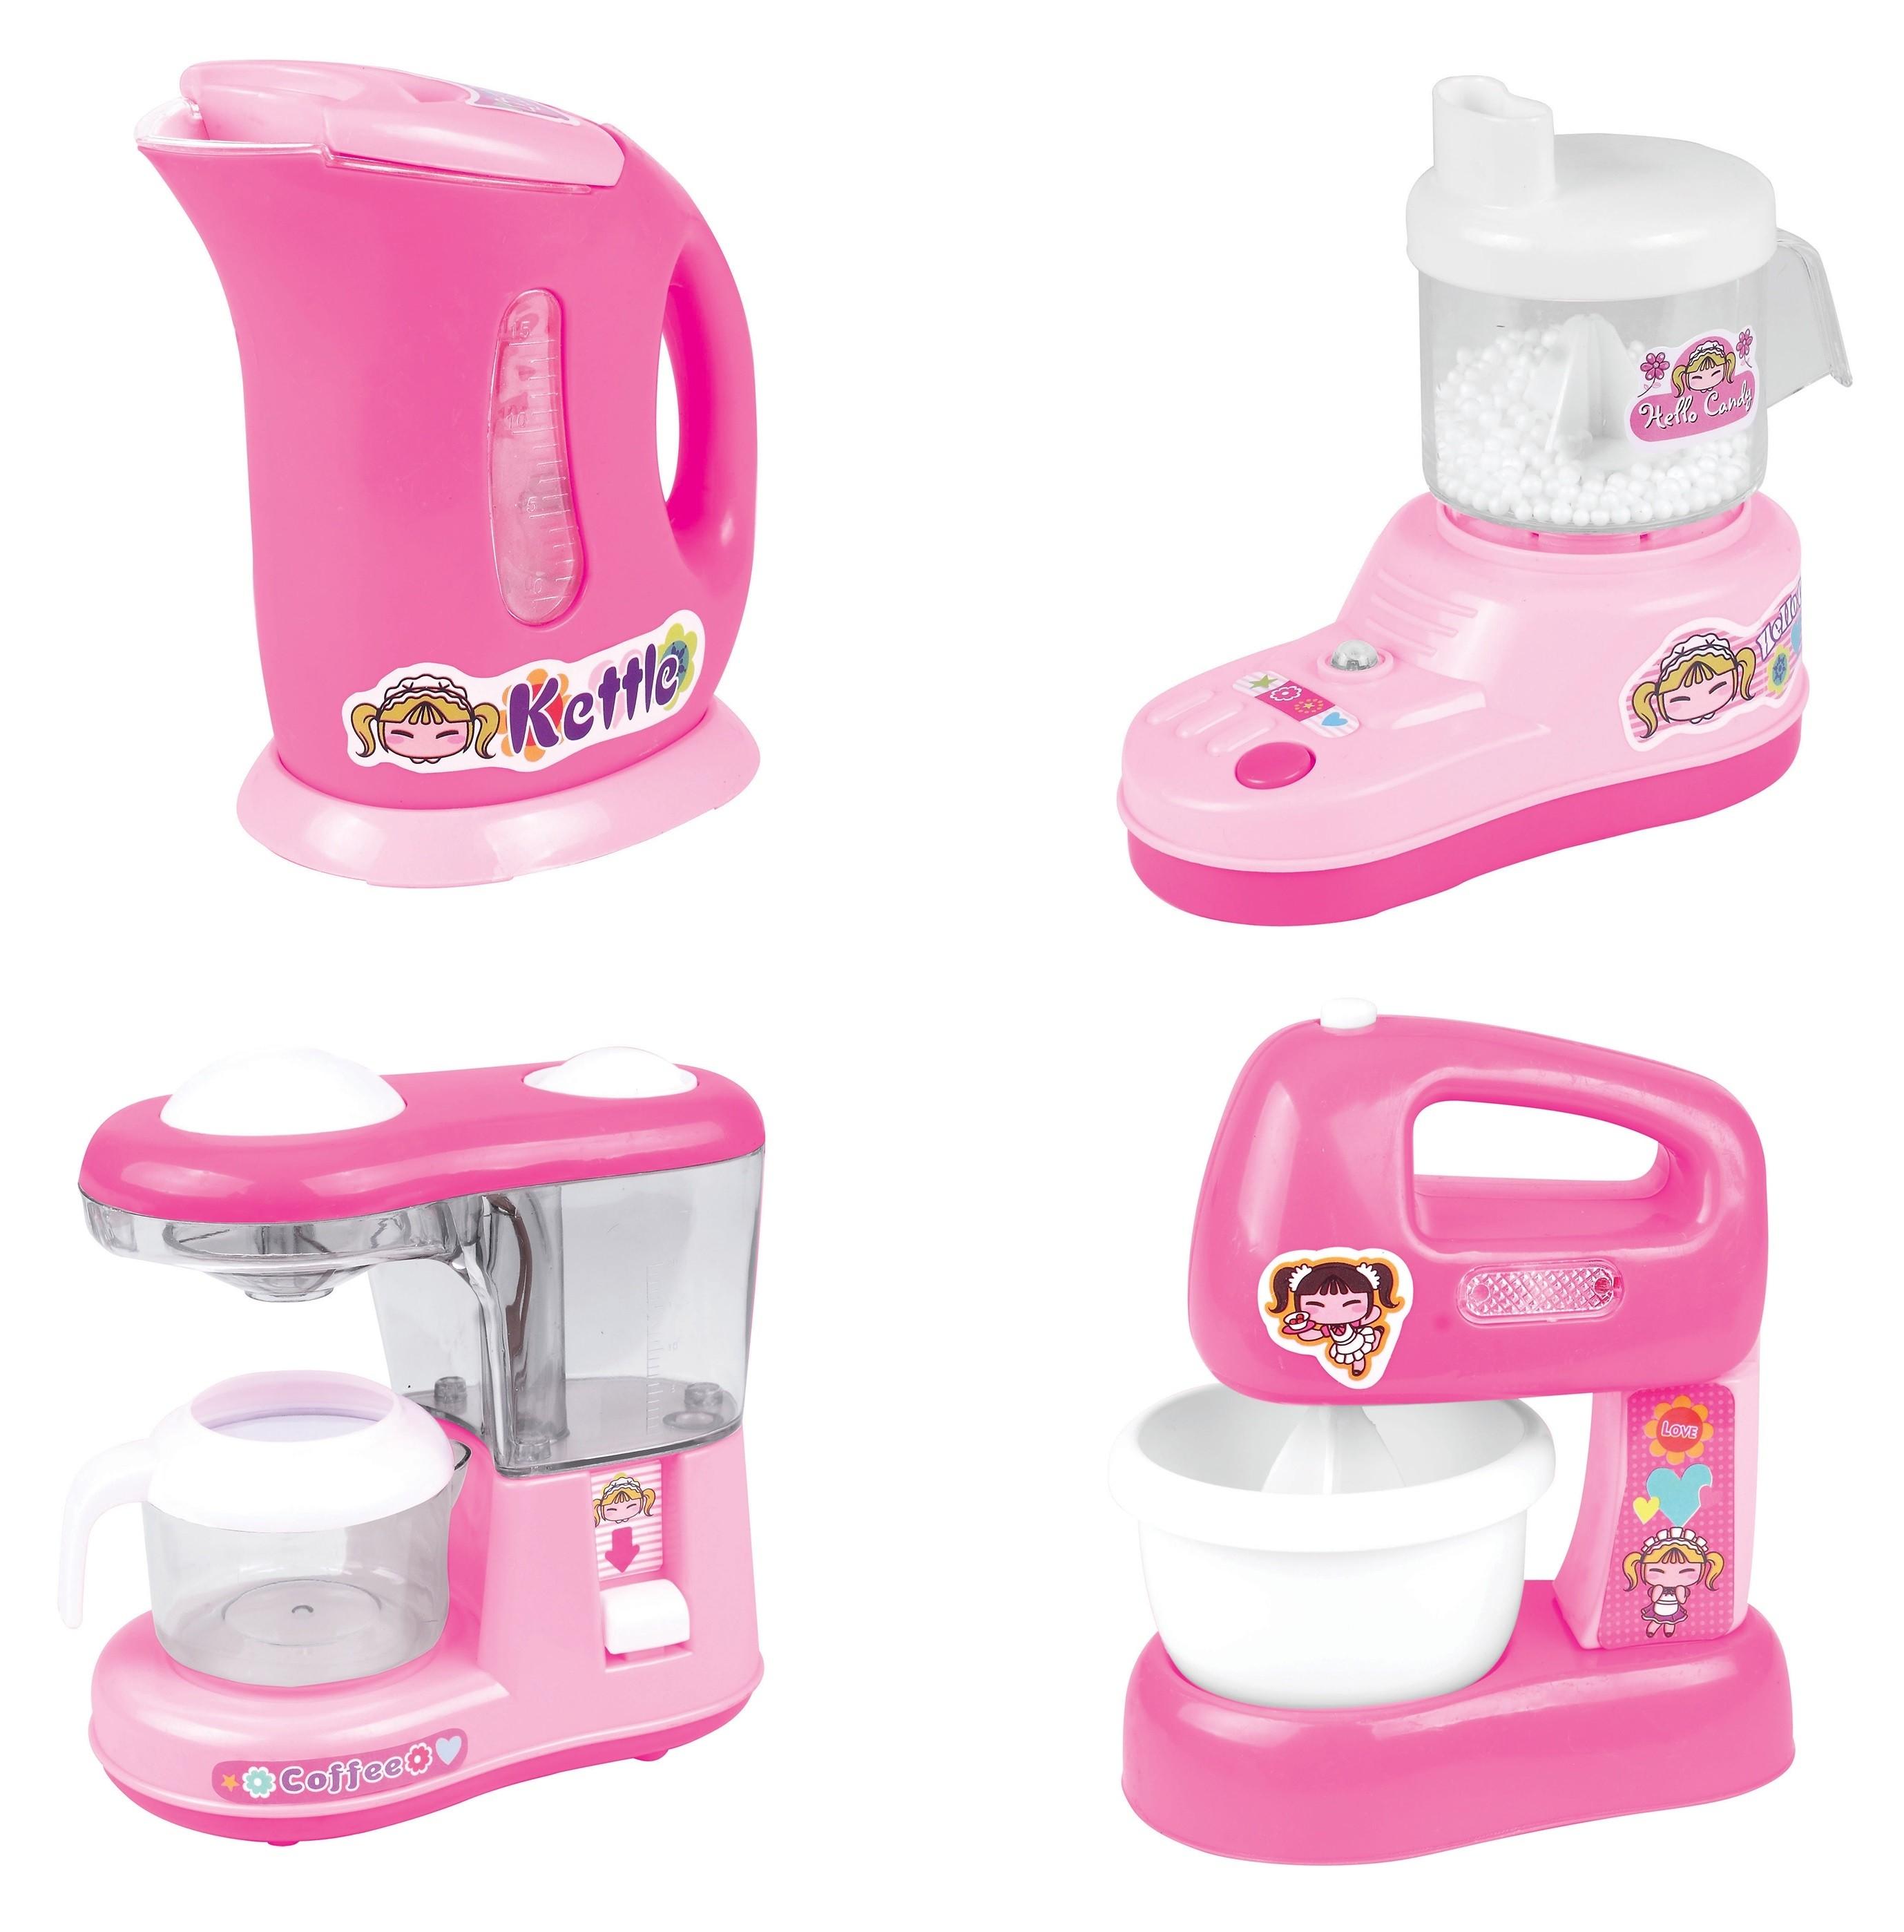 Kitchen Appliance Playset